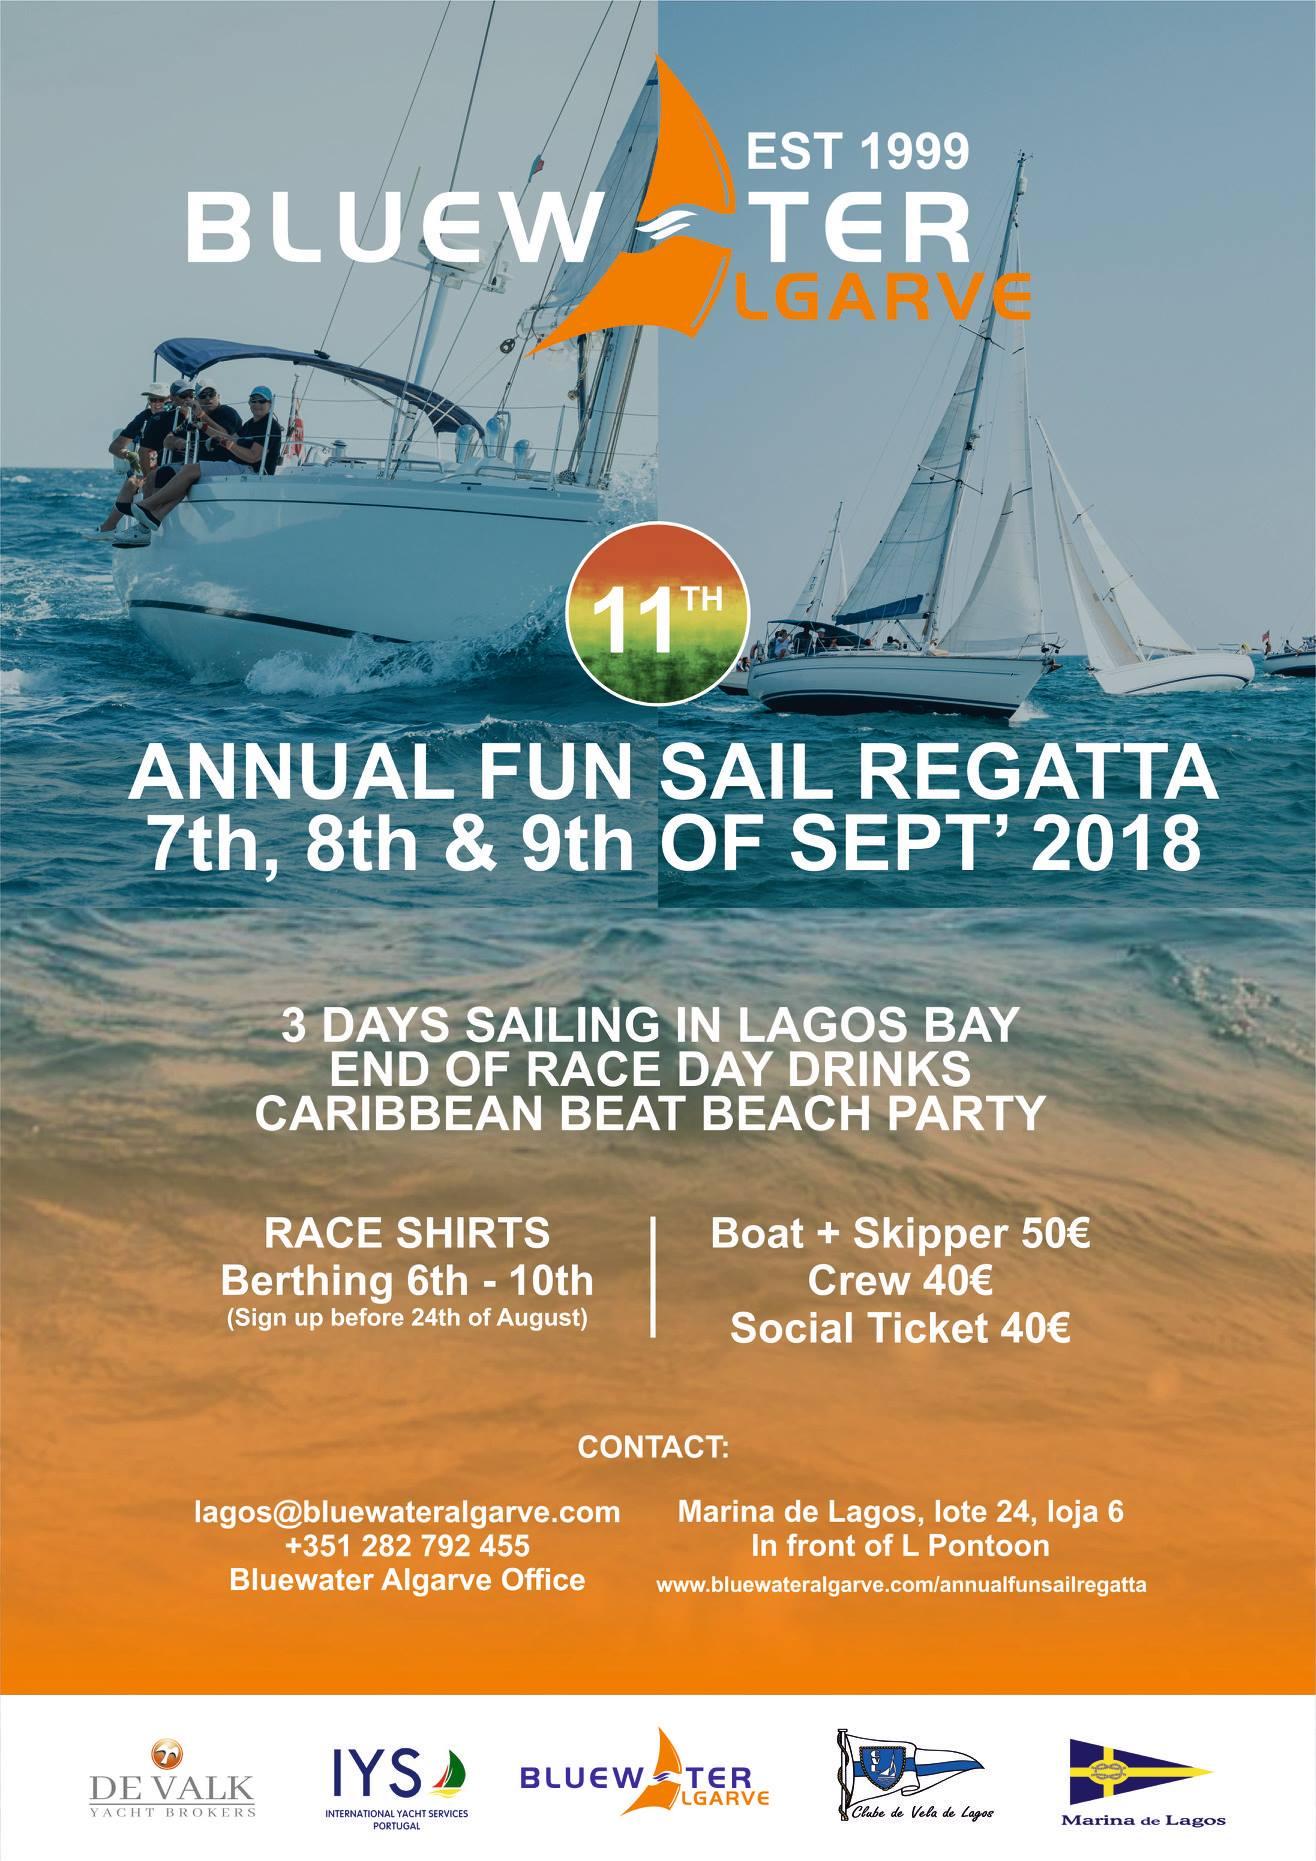 11th Annual Fun Sail Regatta